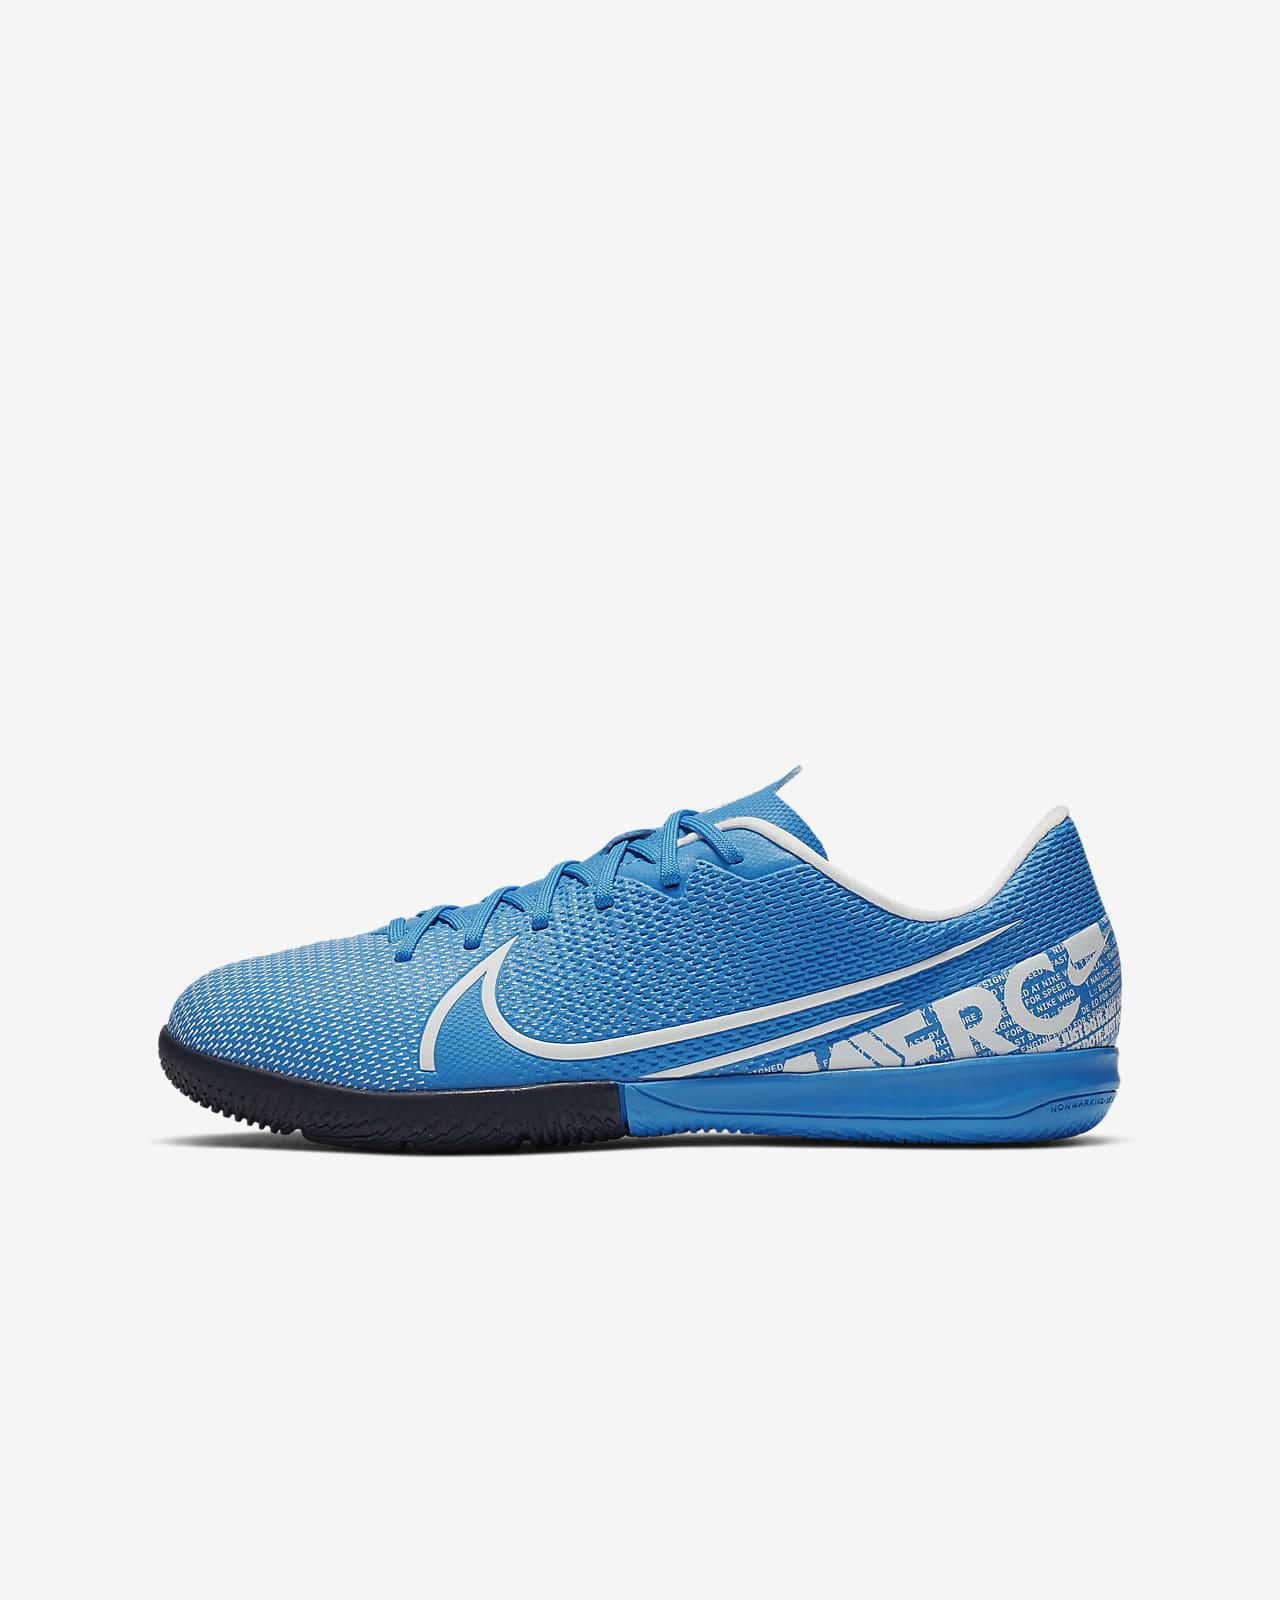 Nike Jr. Mercurial Vapor 13 Academy IC Little/Big Kids' Indoor/Court Soccer Shoe